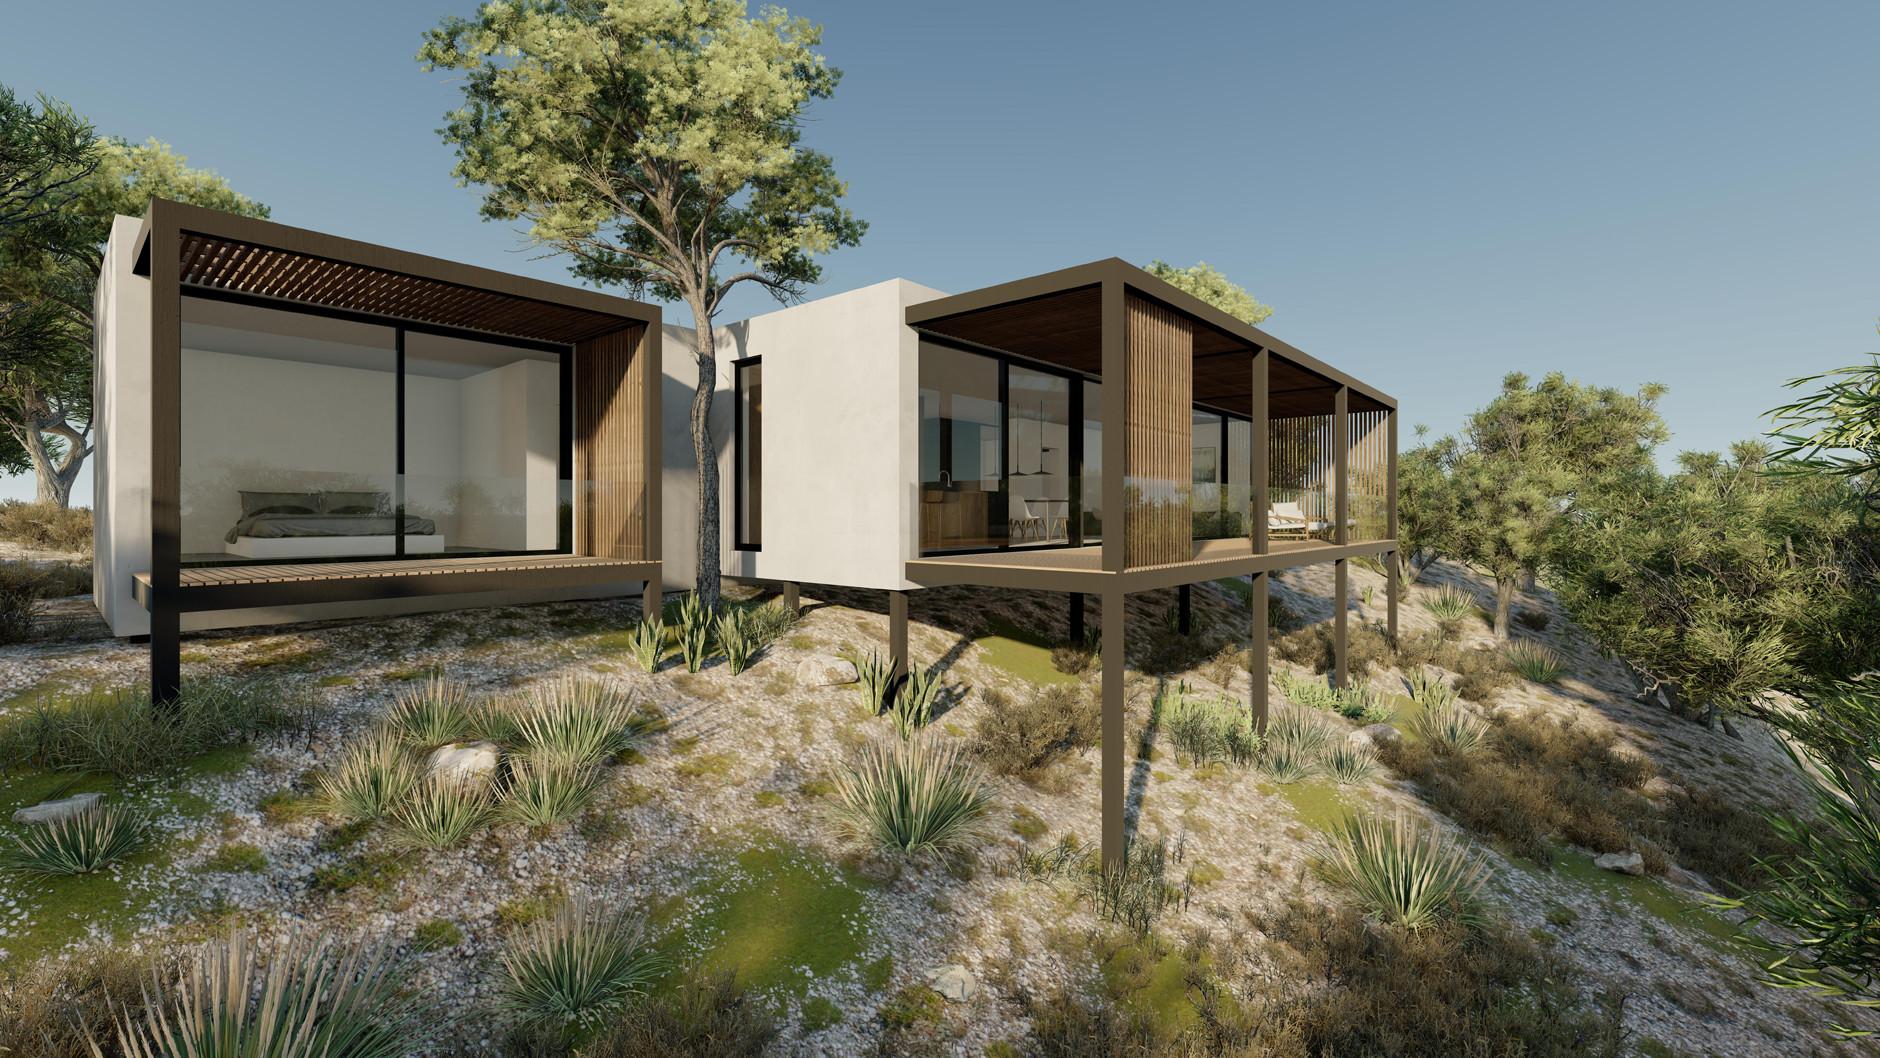 passiv-prefab-z1-house-zest-architecture